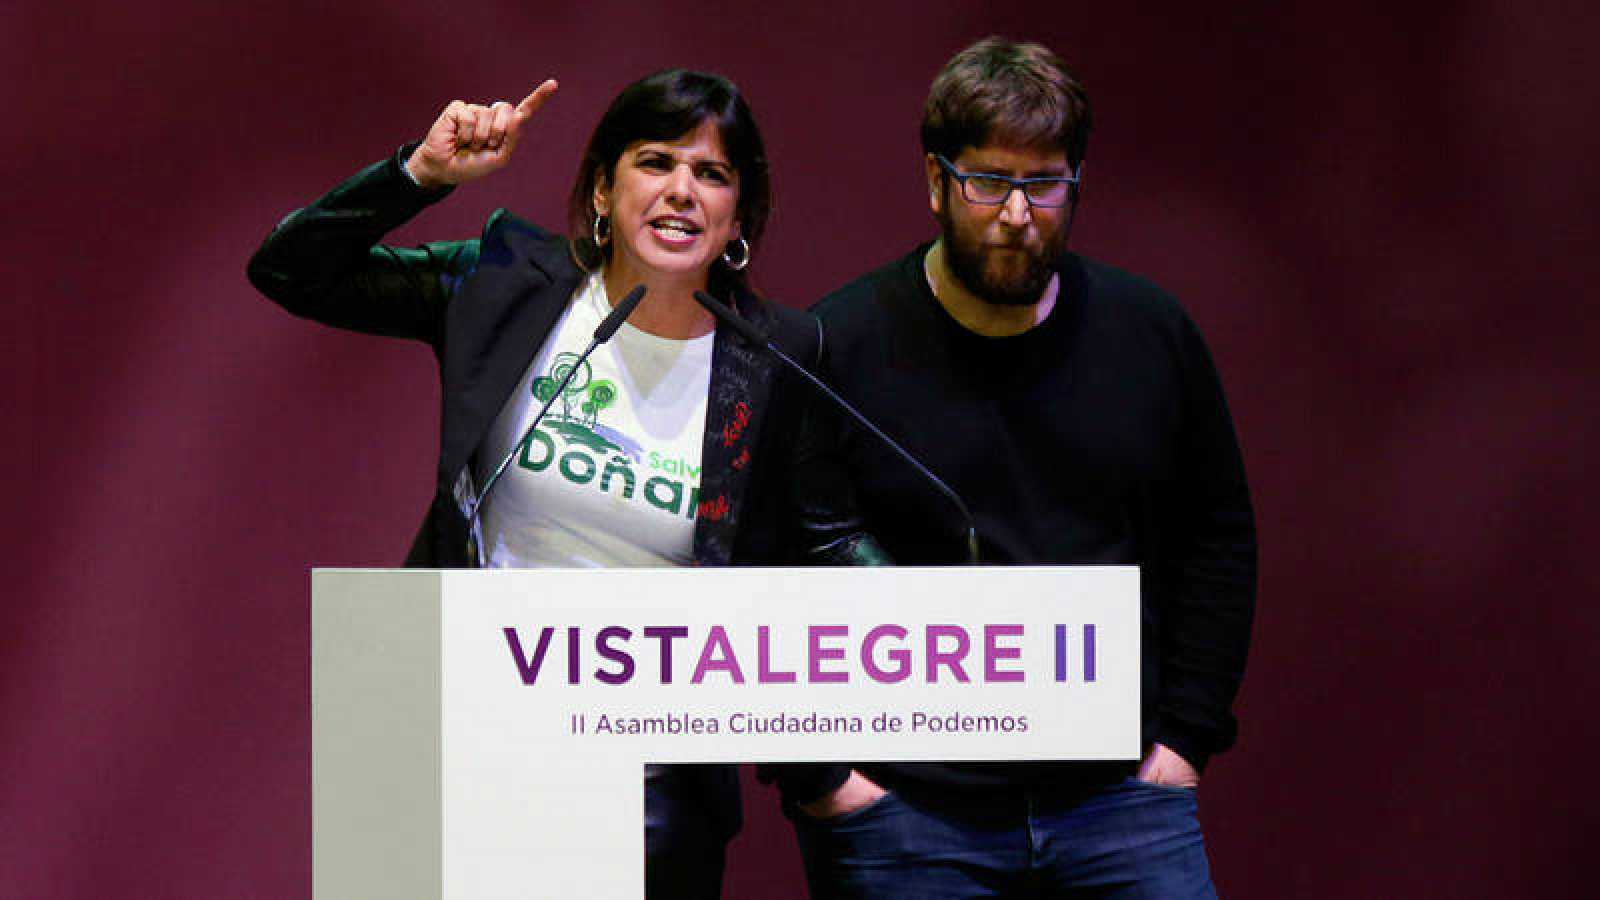 Teresa Rodríguez y Miguel Urbán, referentes de la corriente anticapitalista en Podemos